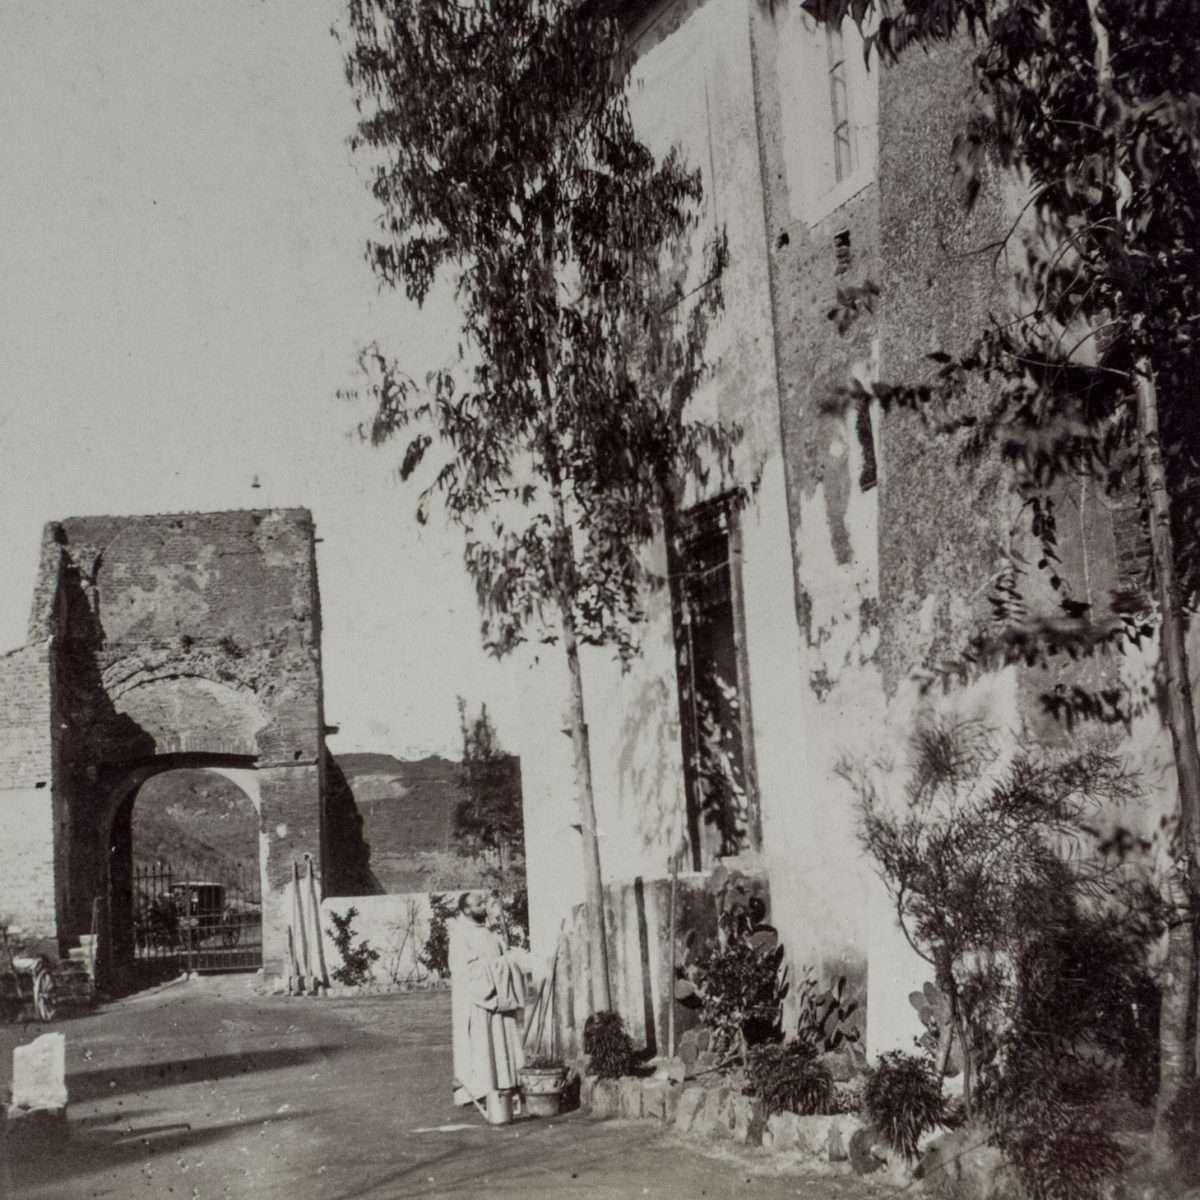 L-1090217 - Abbazia 3 Fontane